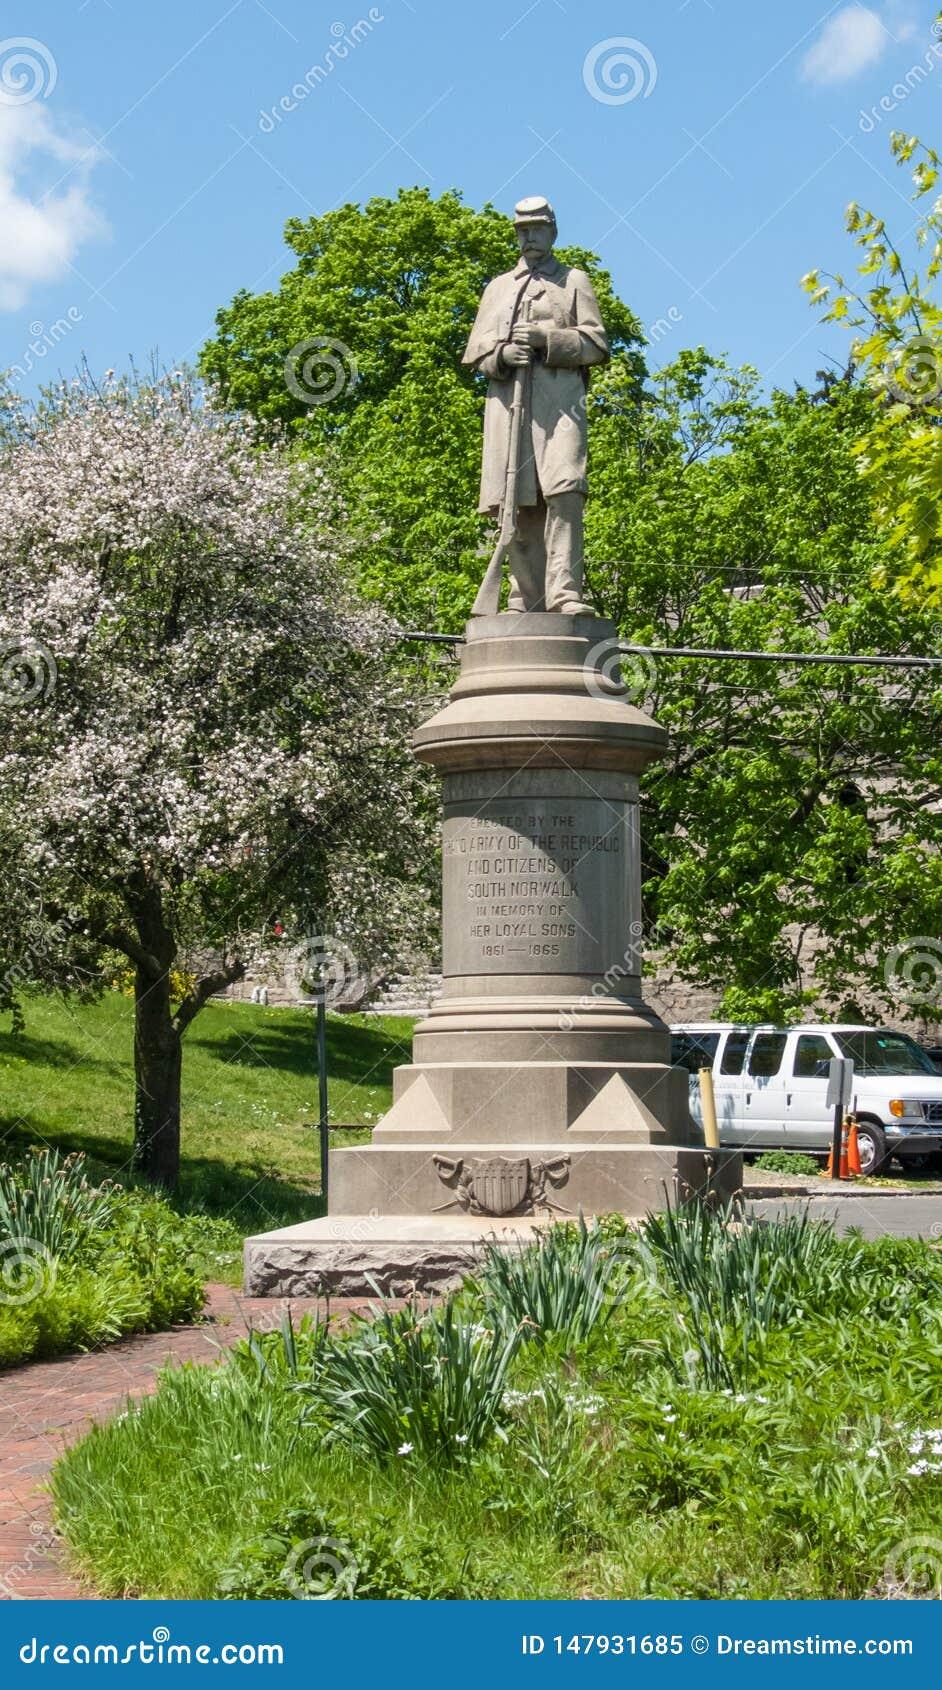 Memorial de guerra civil de South Norwalk